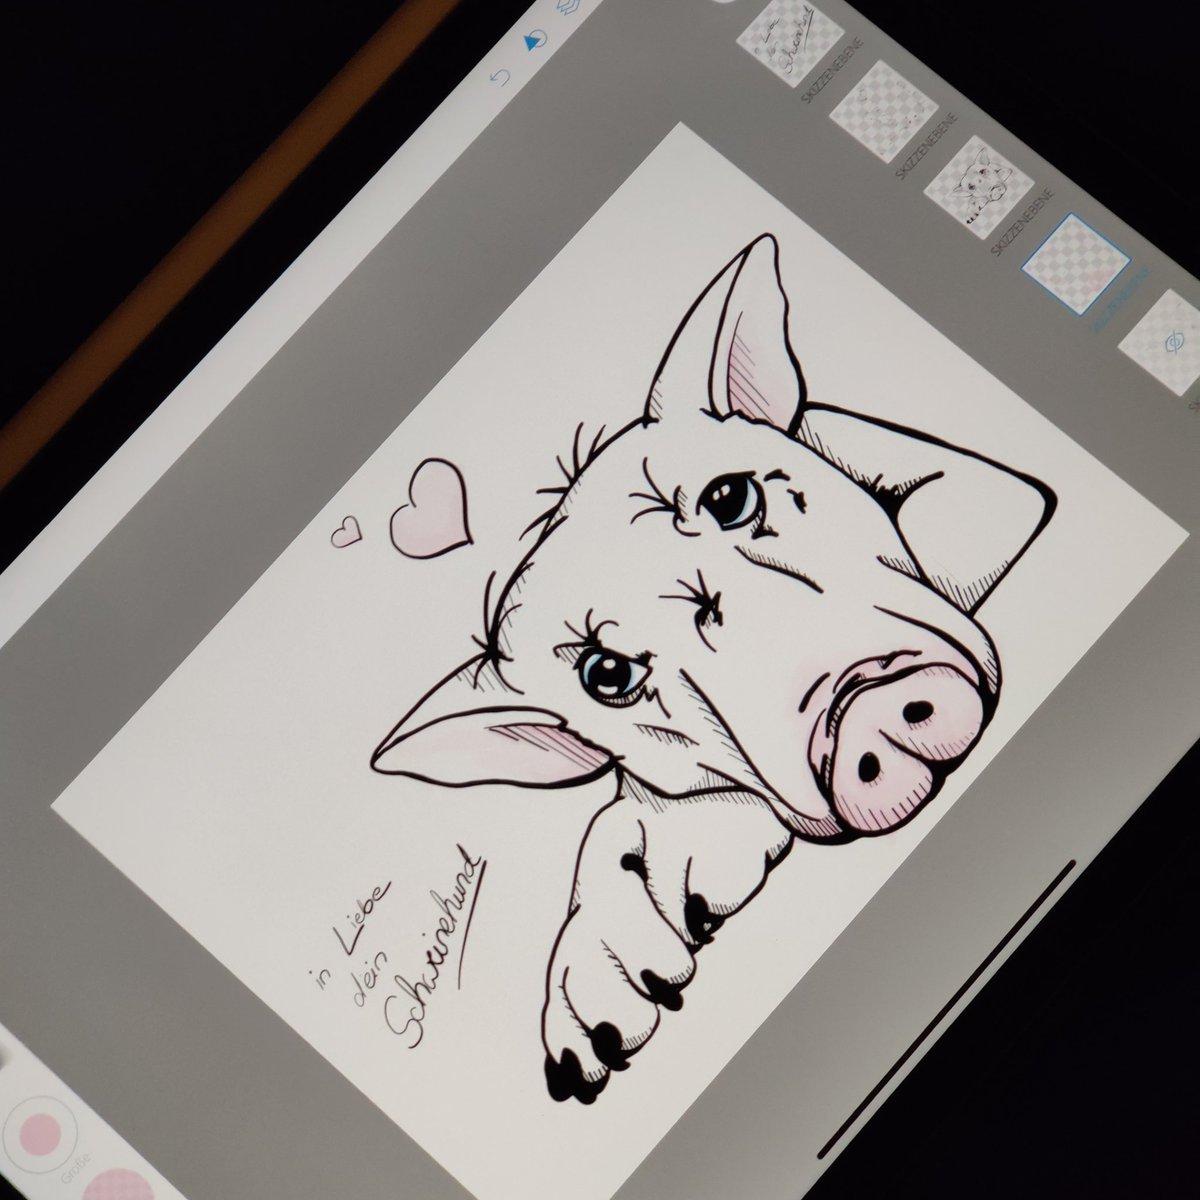 Ein kleiner Schweinehund  am Wochenende   Nächste Woche wird wieder gestreamt...bisschen Webseite bauen und natürlich Zeichnen #stream #twitch  #artchallenge #zeichnen #digitalzeichnen #photoshopsketch #schweinehund #skribble #digitalart #digitalartwork #artworkpic.twitter.com/nN3niENnIu